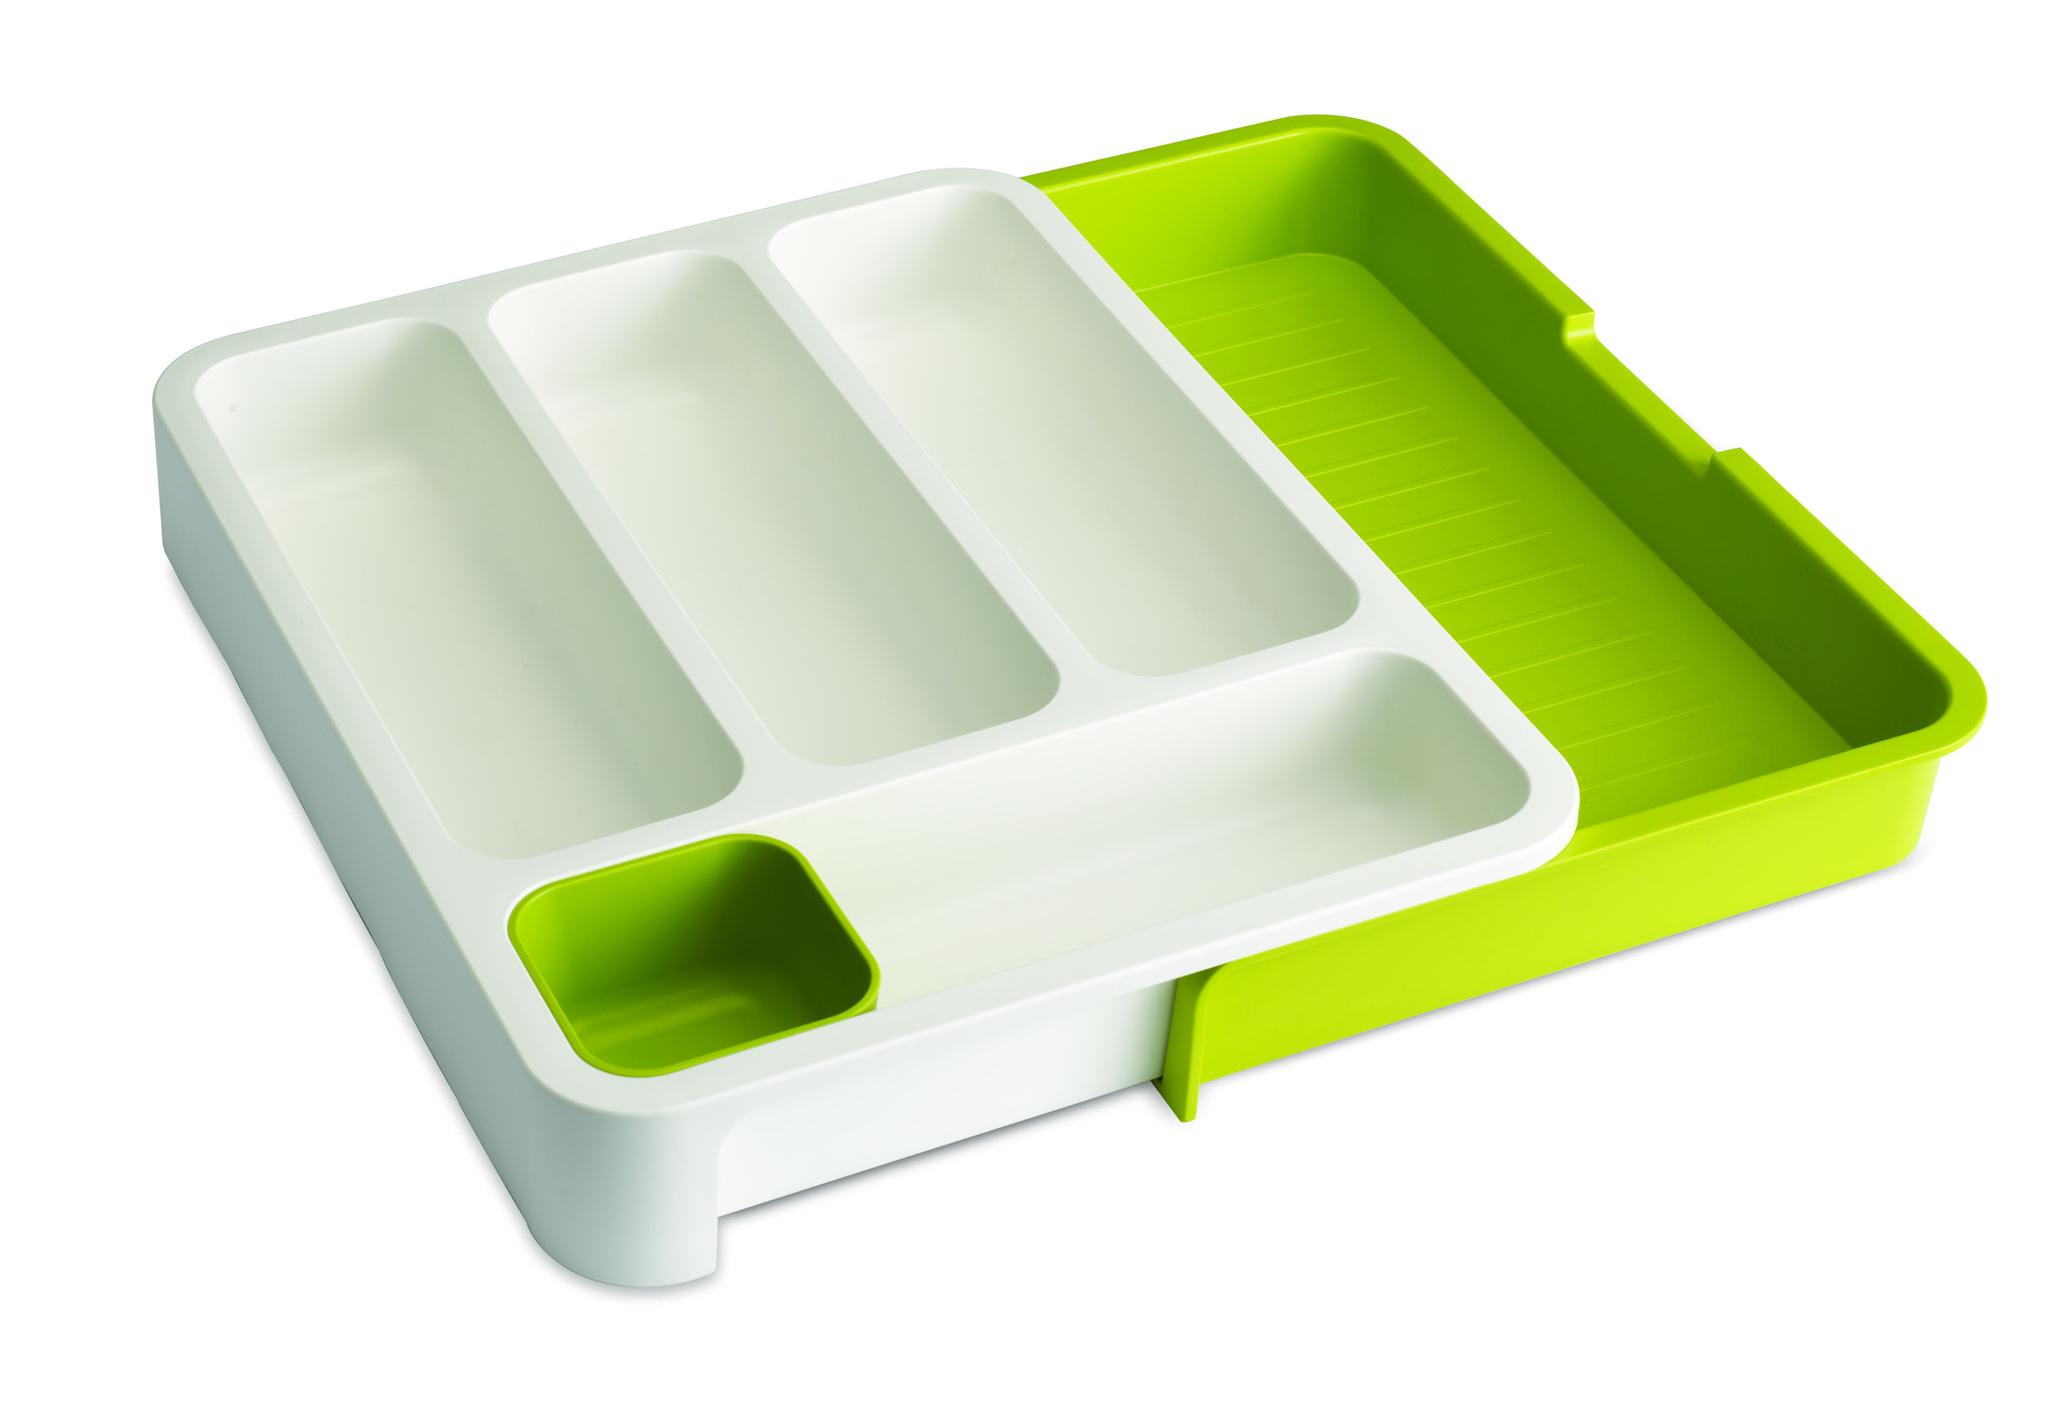 Органайзер для столовых приборов Joseph Joseph drawerstore™ раздвижной белый/зеленый 85041Держатели для столовых приборов<br>Органайзер для столовых приборов Joseph Joseph drawerstore™ раздвижной белый/зеленый 85041<br><br>Бестселлер по продажам в Великобритании! Замечательный органайзер-лоток для хранения столовых приборов поможет навести на кухне полный порядок и расставить все по местам. С помощью специальной съемной части вы сможете отрегулировать размер до желаемого и поместить в ящик. Имеет специальную съемную ячейку для хранения всякой мелочевки как в лотке, так и вне его. В разобранном состоянии: 5,5 х 48 х 36,5 см. В собранном: 5,5 х 28,3 х 36,5 см.<br>Официальный продавец<br>